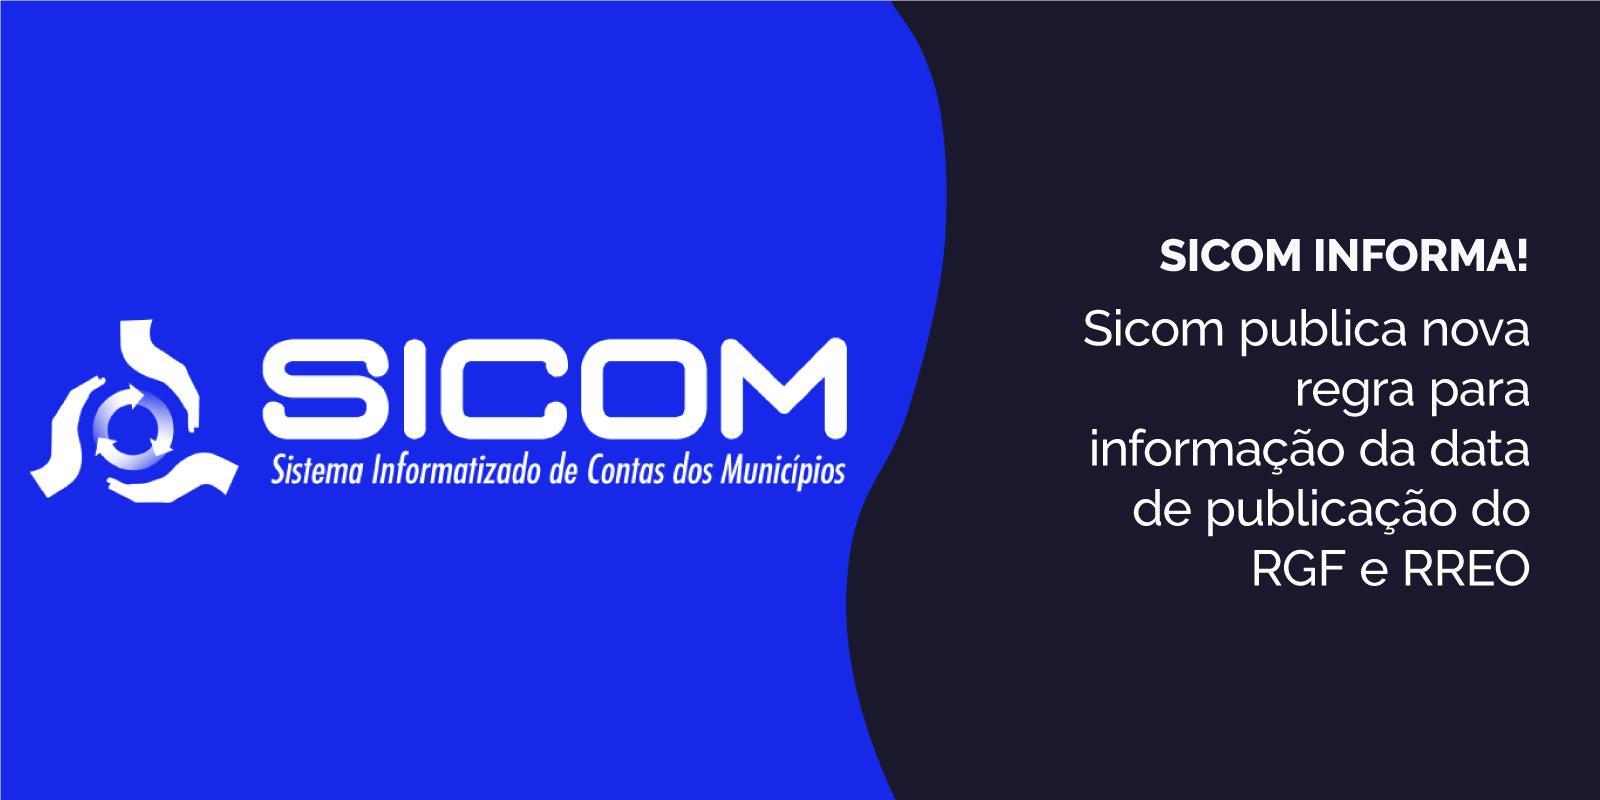 Sicom publica nova regra para informação da data de publicação do RGF e RREO